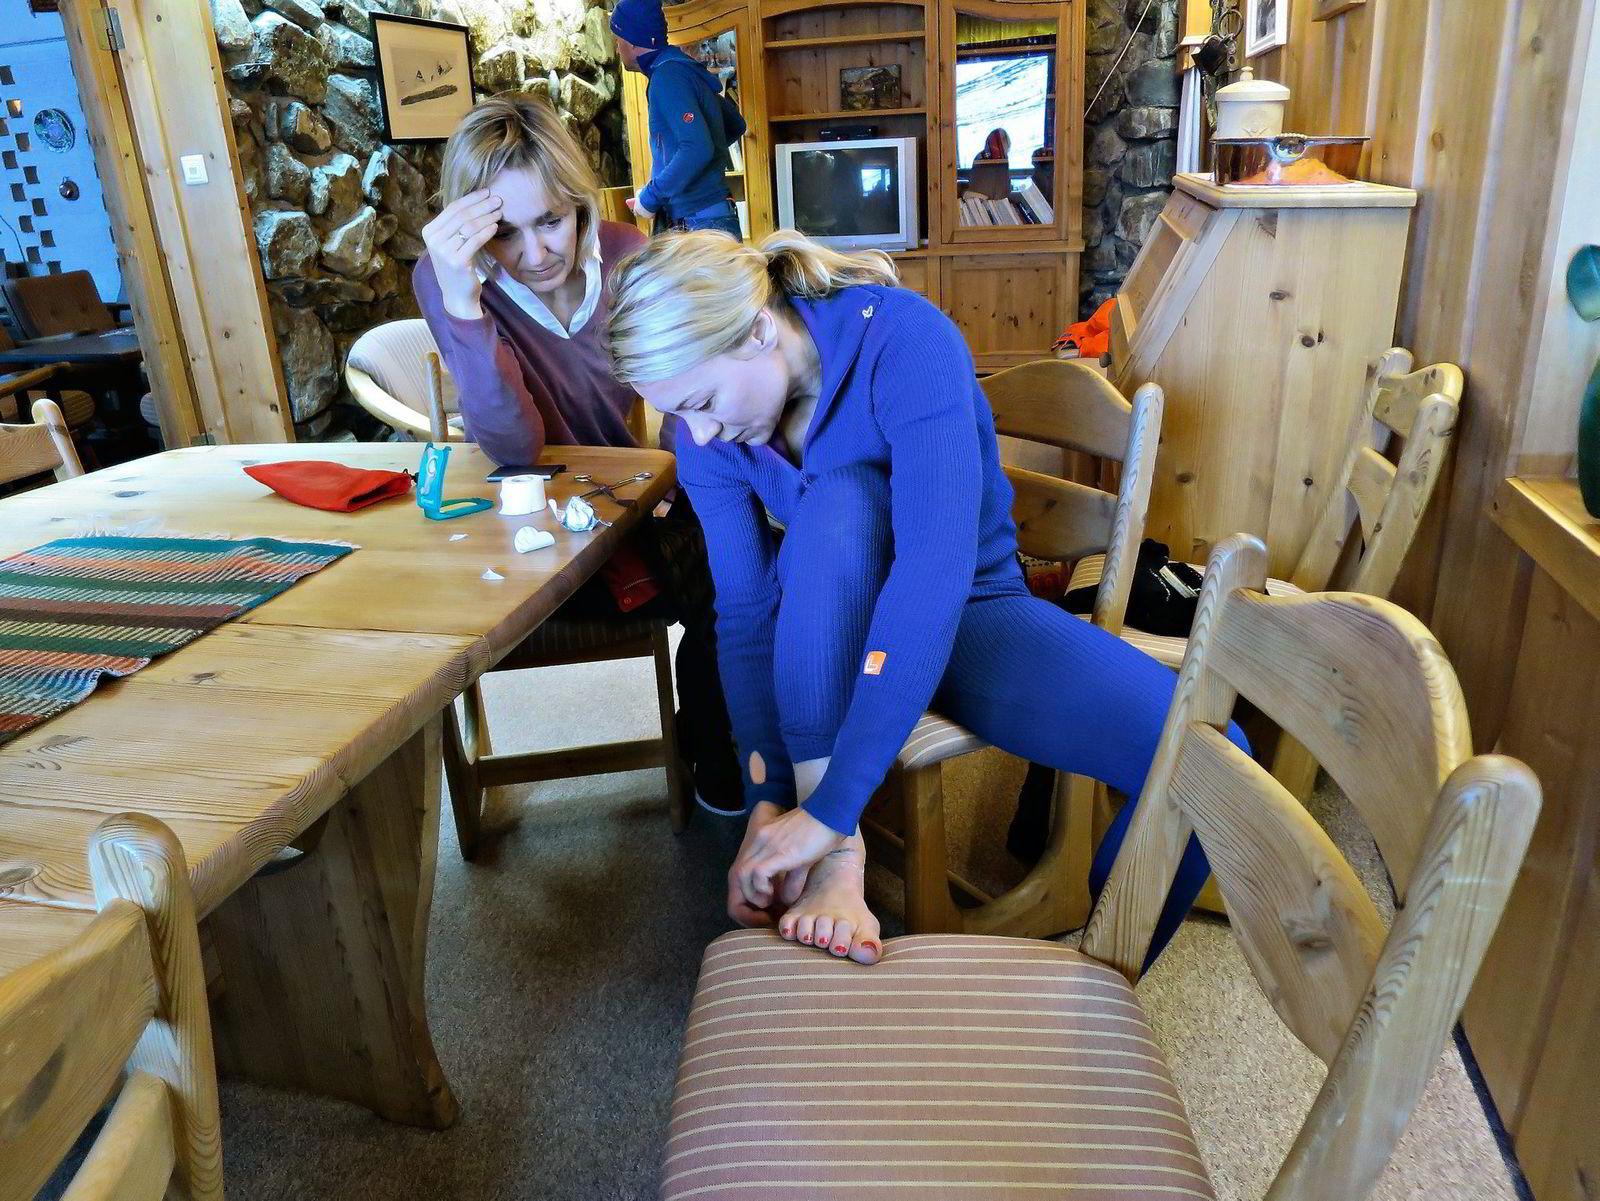 Siv Sviland Høye hjelper Heidi Niss med gnagsårplaster før dagens tur.